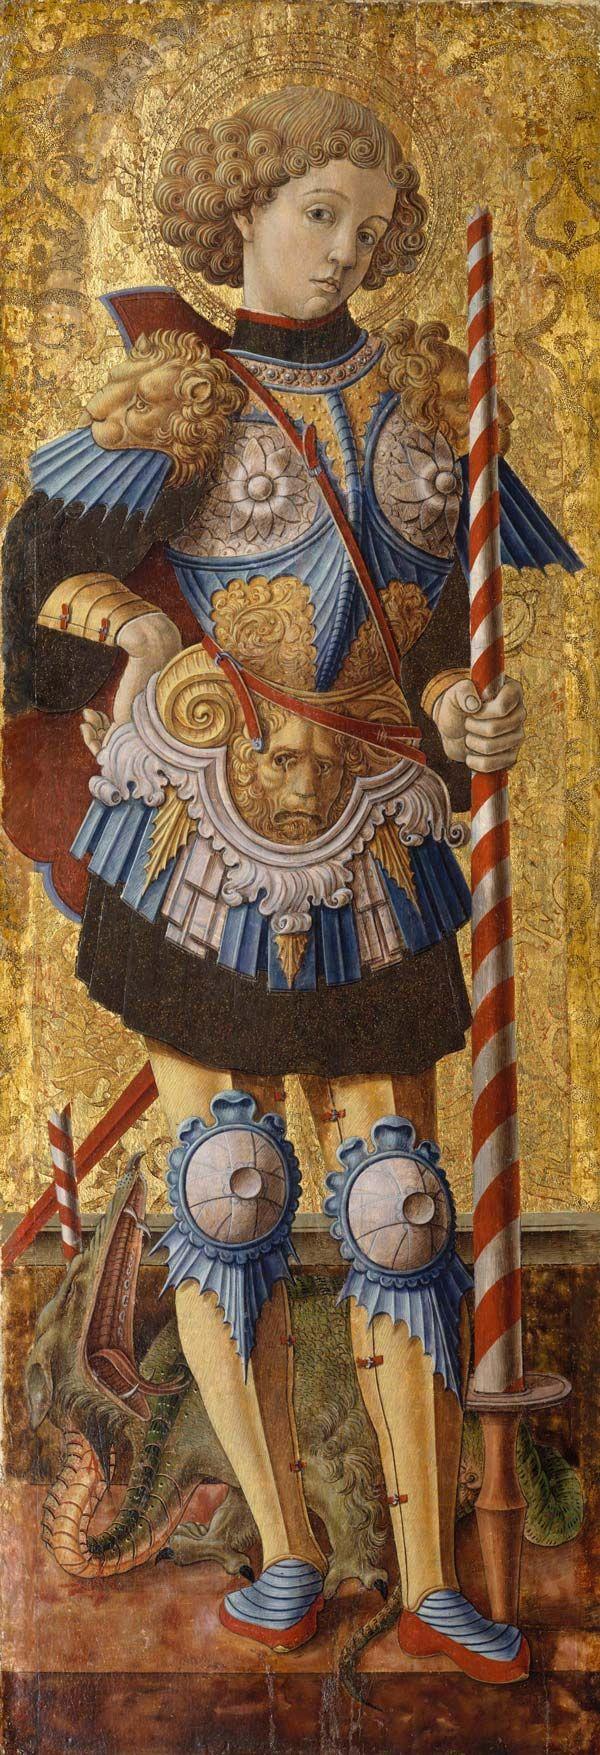 Карло Кривелли. Святой Георгий